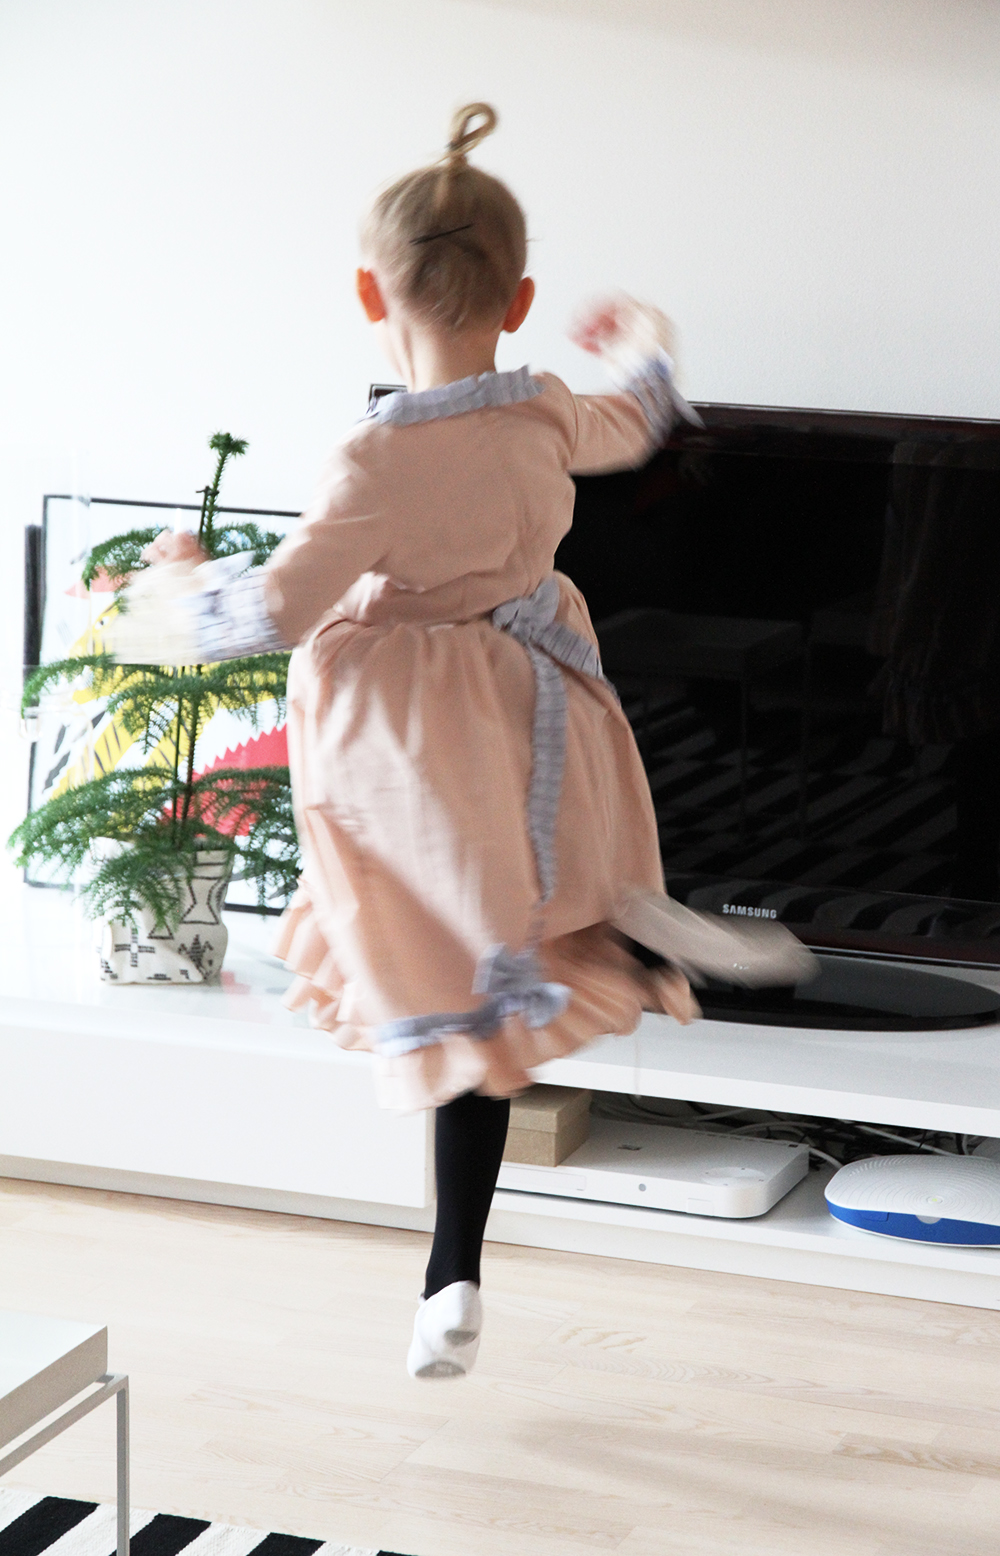 hunajaista siiri tanssii balettia